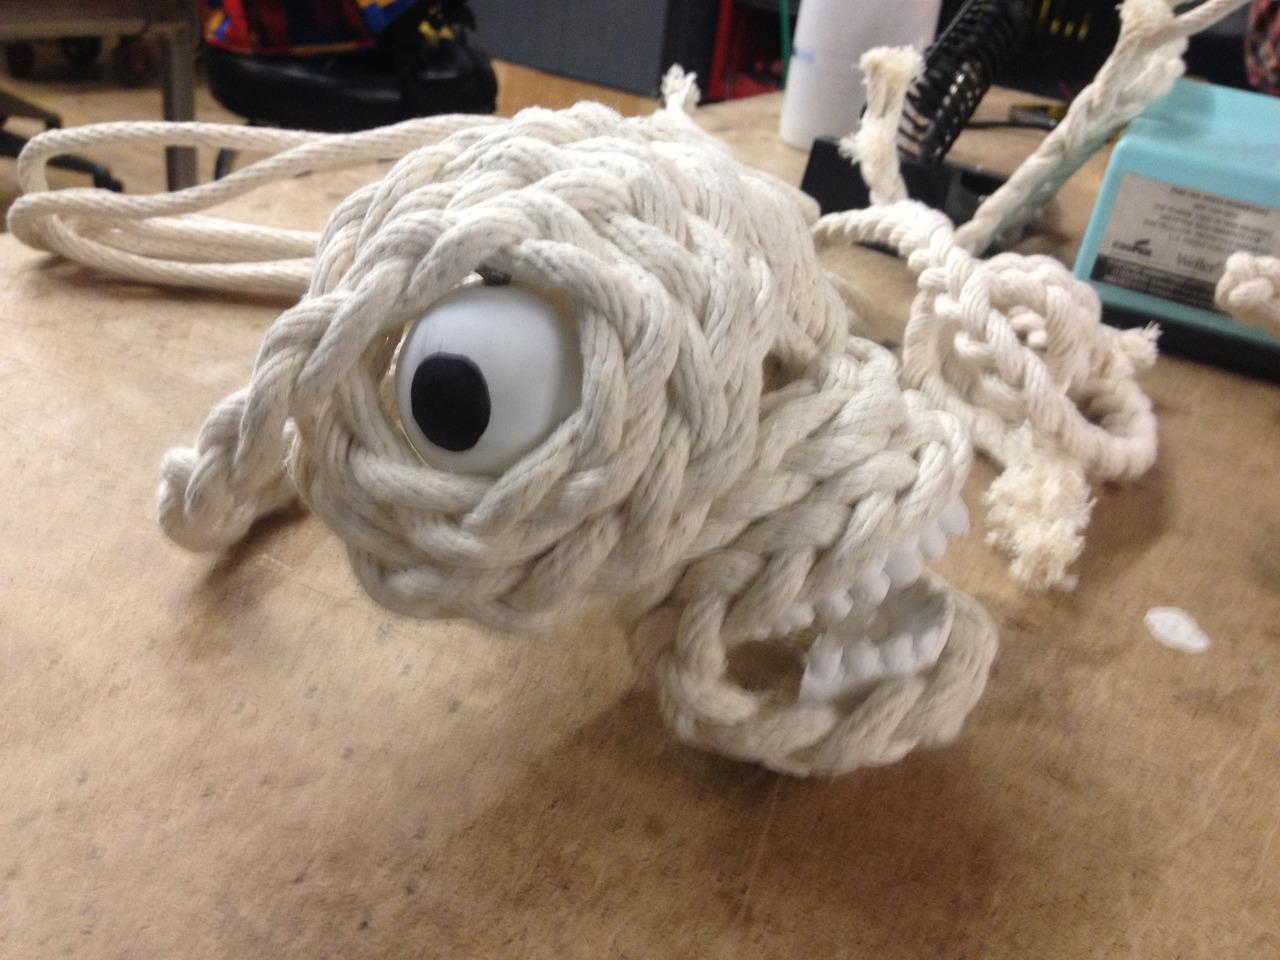 Rope Skull with eyes. Eek!